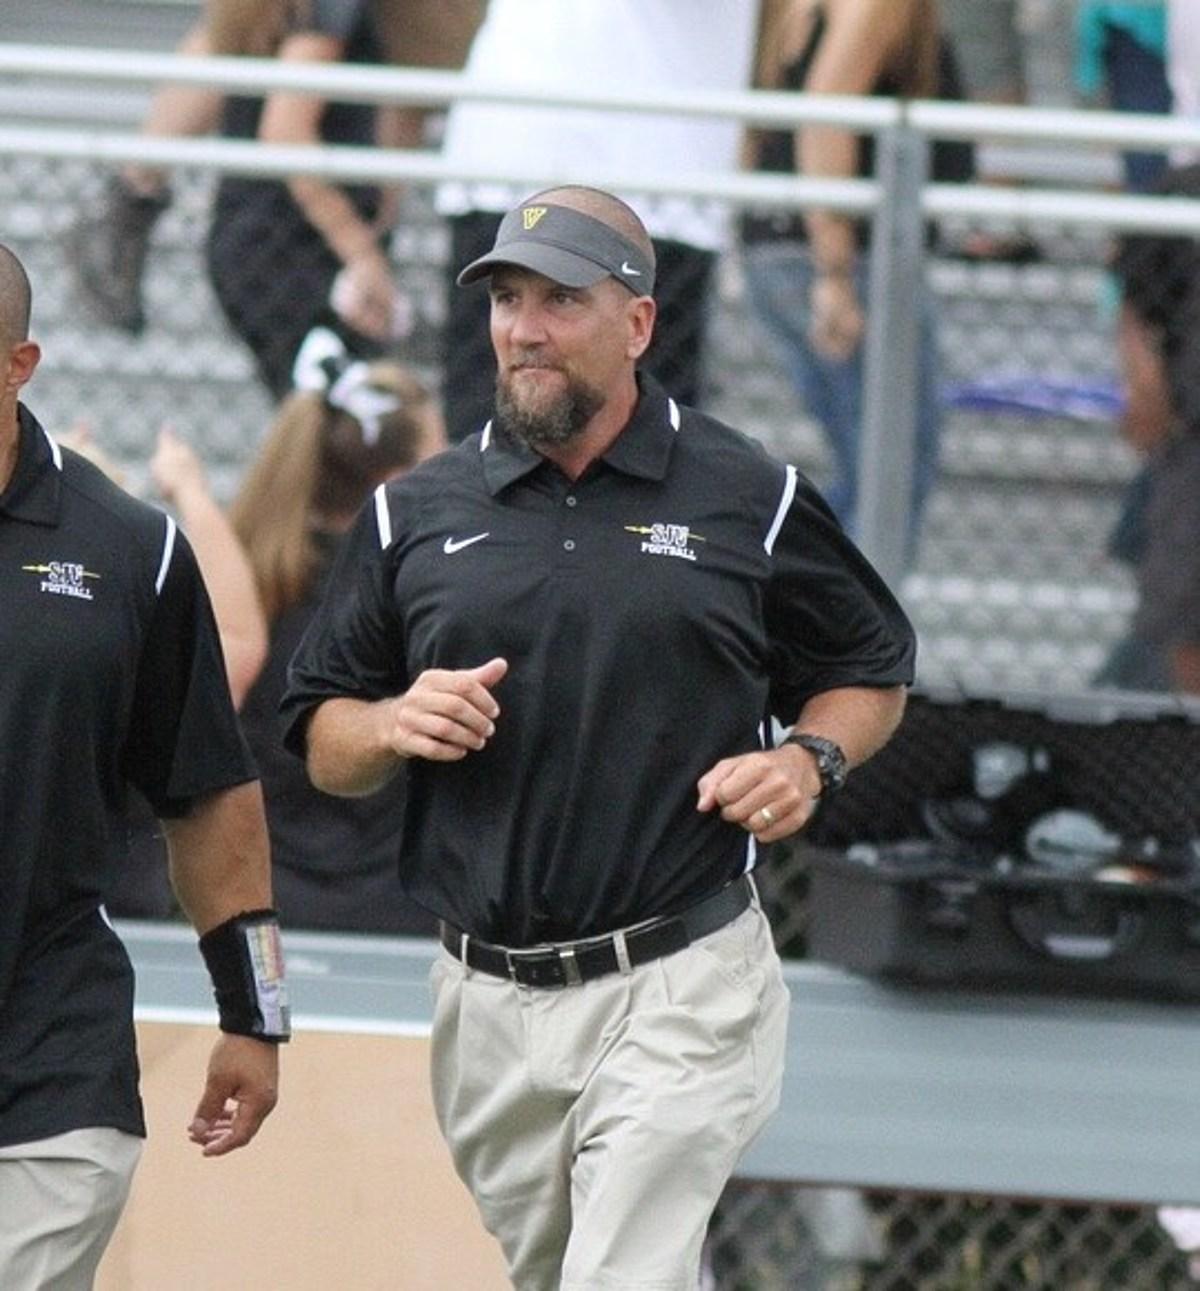 John Vianney High School: Derek Sininsky no longer head coach